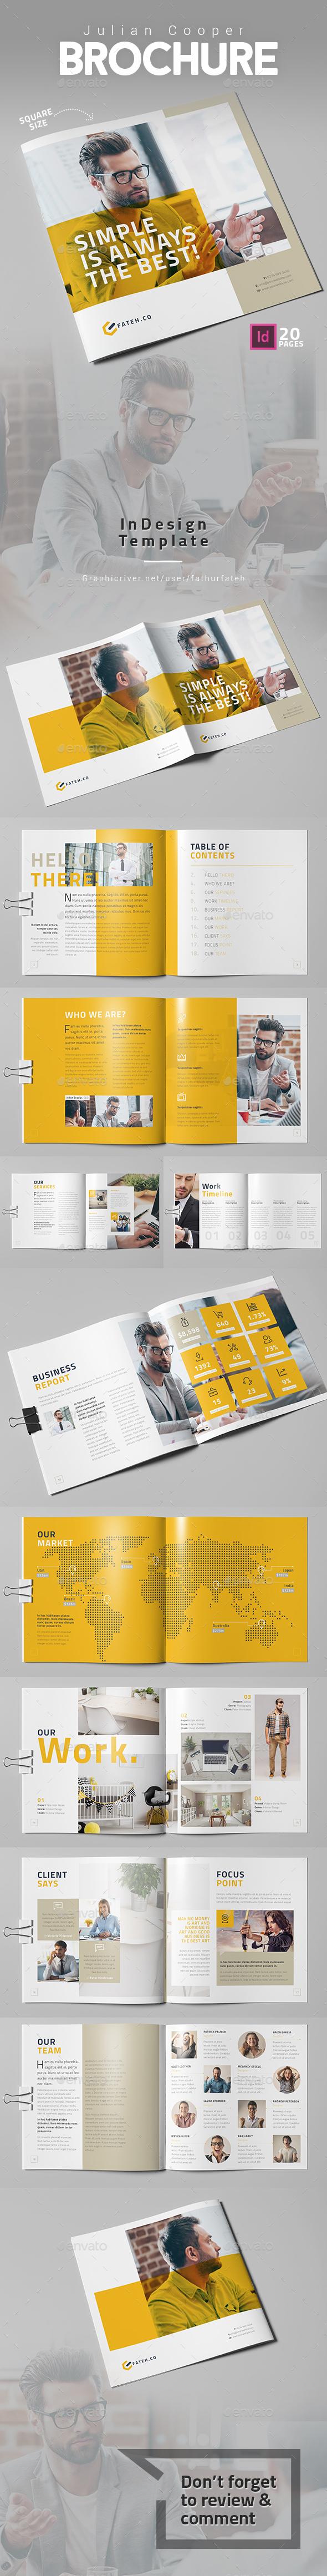 Julian Cooper Brochure - Square - Corporate Brochures